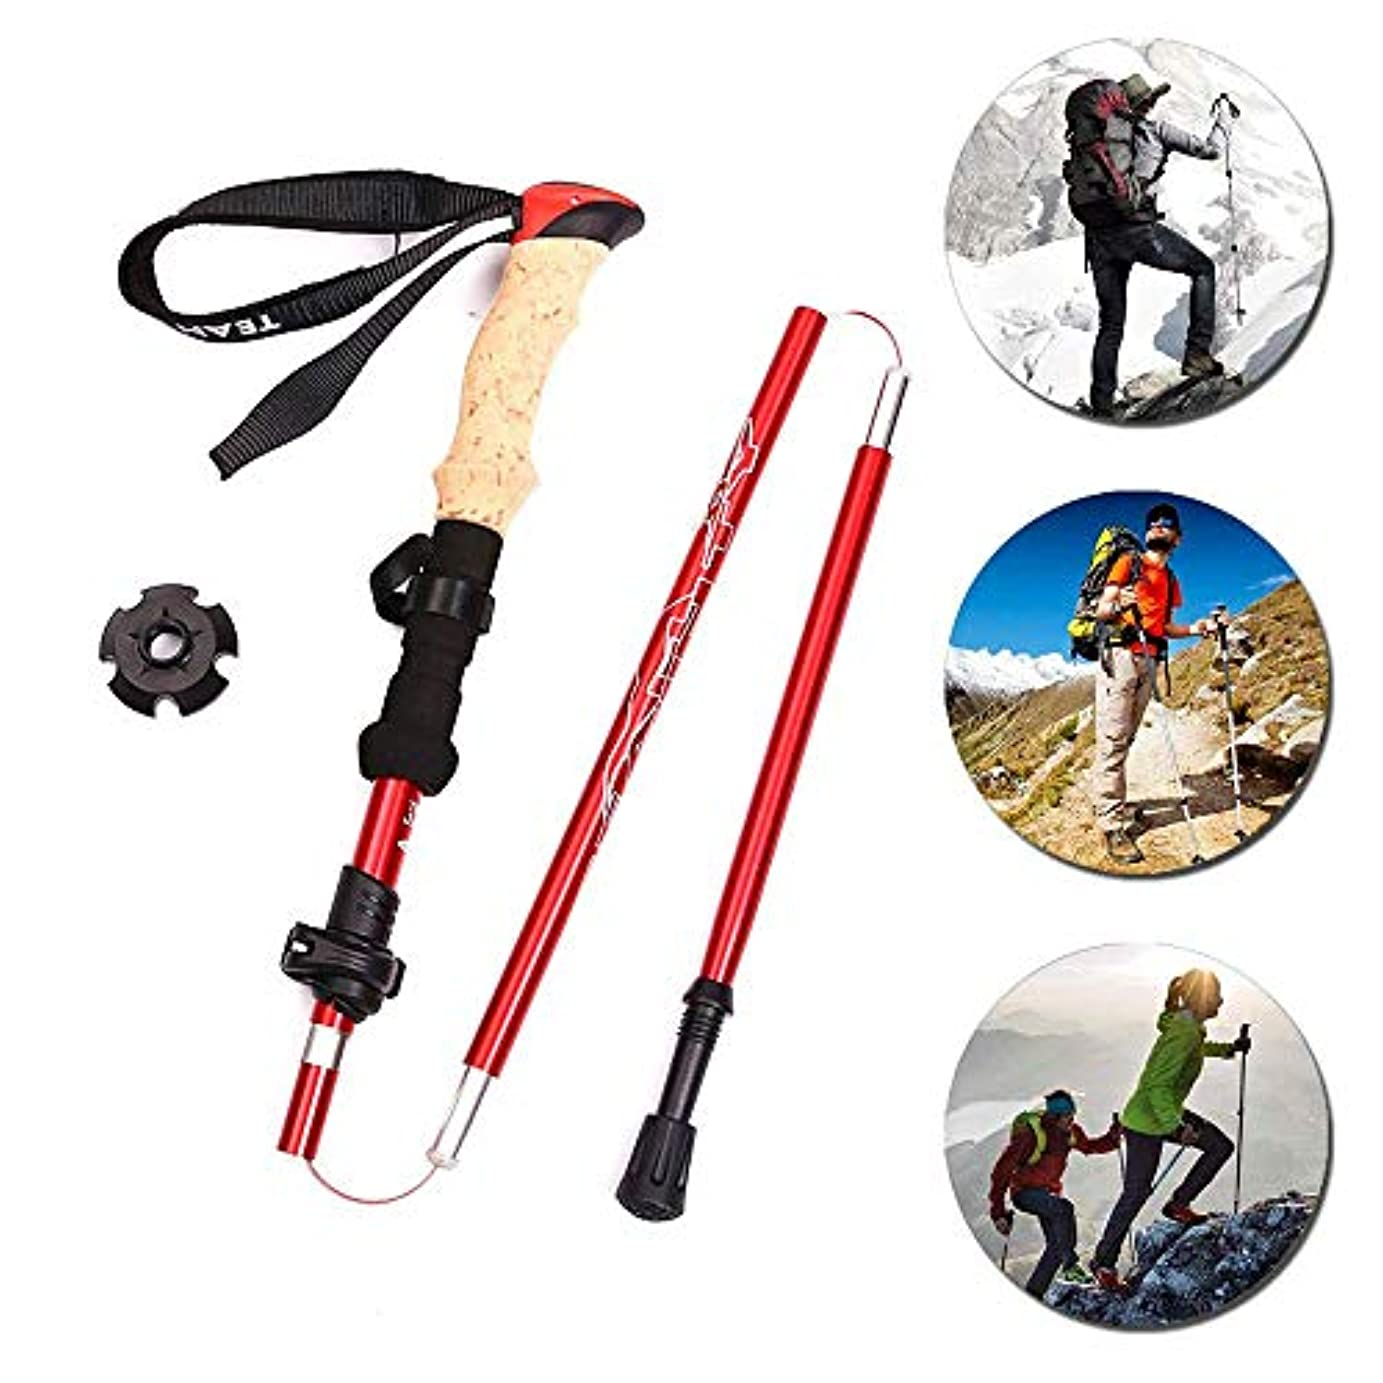 自由シャンパンキノコ屋外歩行アルミニウム杖 登山用具 耐衝撃およびクイックロックシステム 吸汗性ハンドル 持ち運びが容易 超軽量 歩く キャンプ バックパッキング